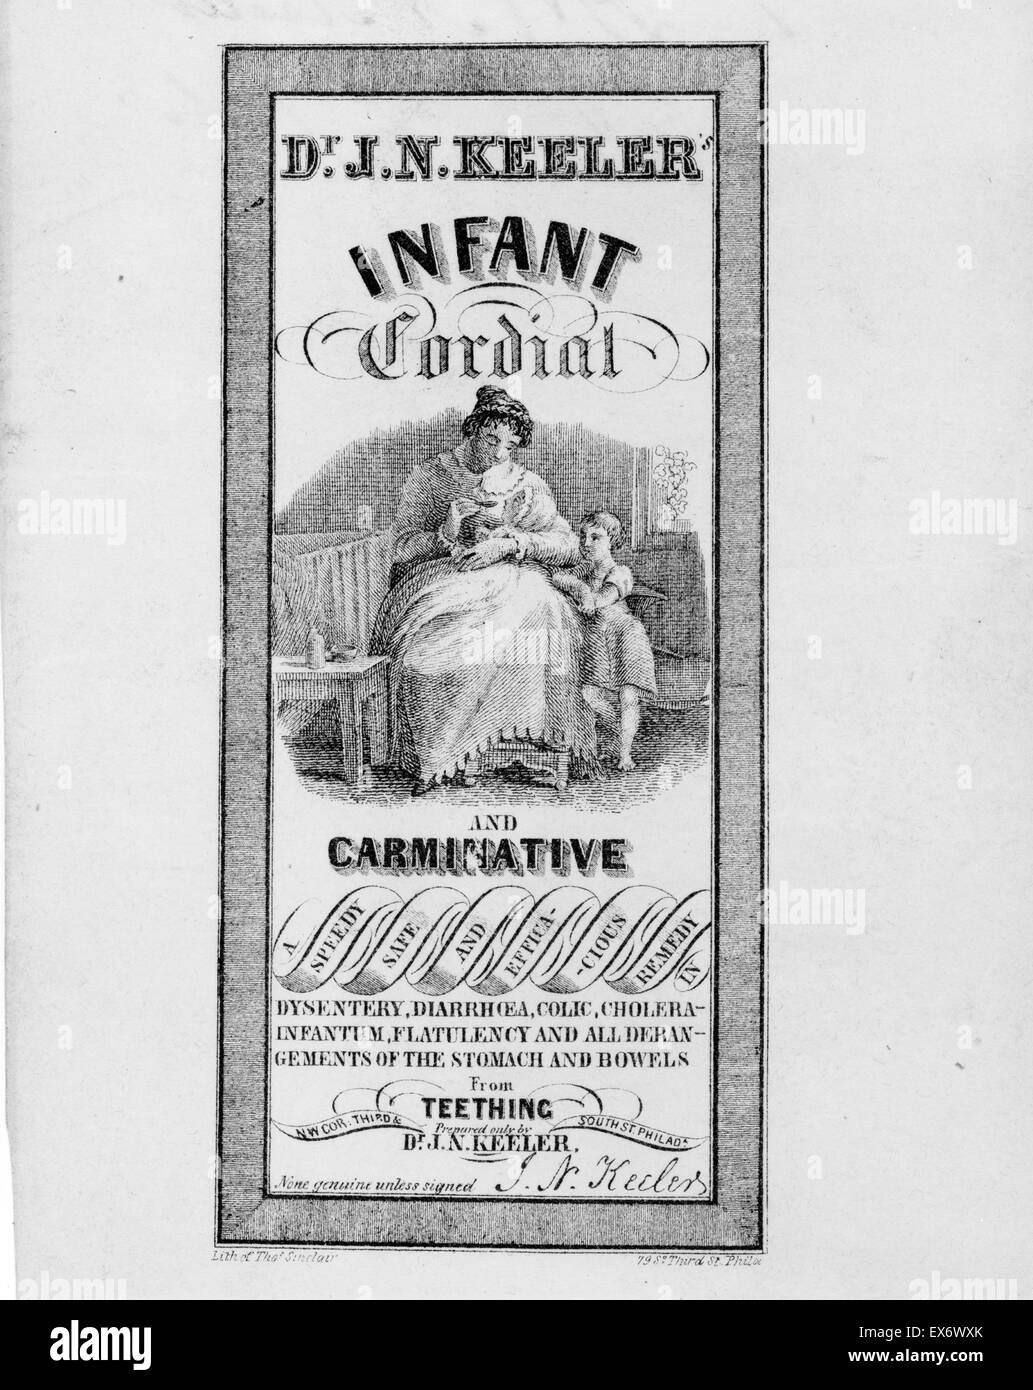 Etiqueta de patentes de medicina del Dr. J.N. Keeler es cordial y carminativo medicina infantil que muestra una mujer dándole el medicamento a su niño. Fecha 1846 Foto de stock